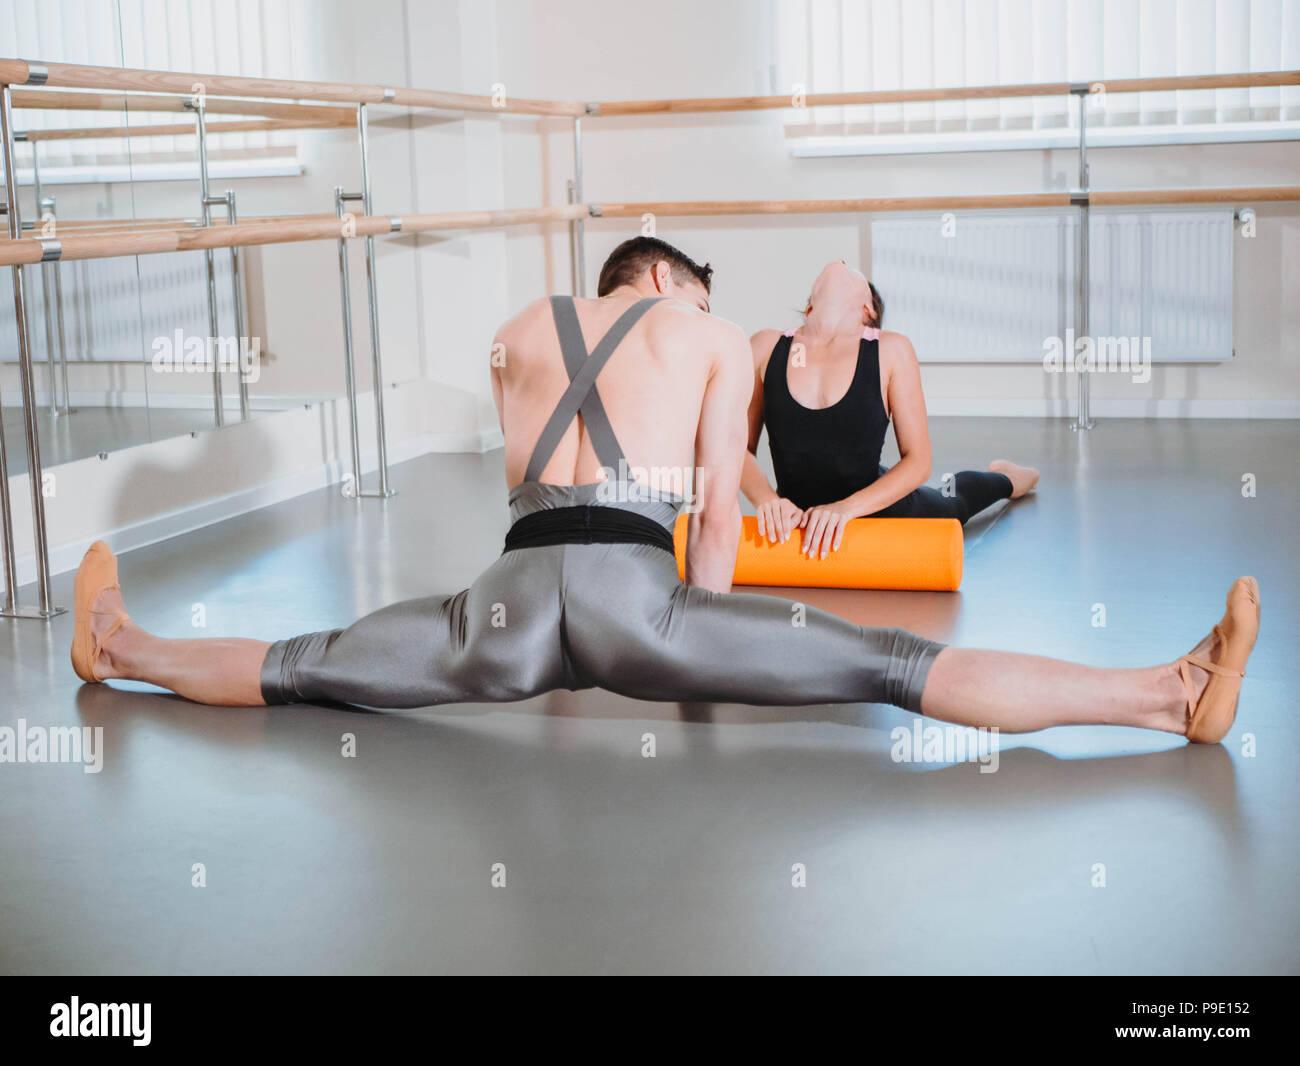 Preparación del cuerpo antes de que el rendimiento en el estudio de ballet. Bailarín y bailarina calentando cerca de barre en el ensayo. Imagen De Stock